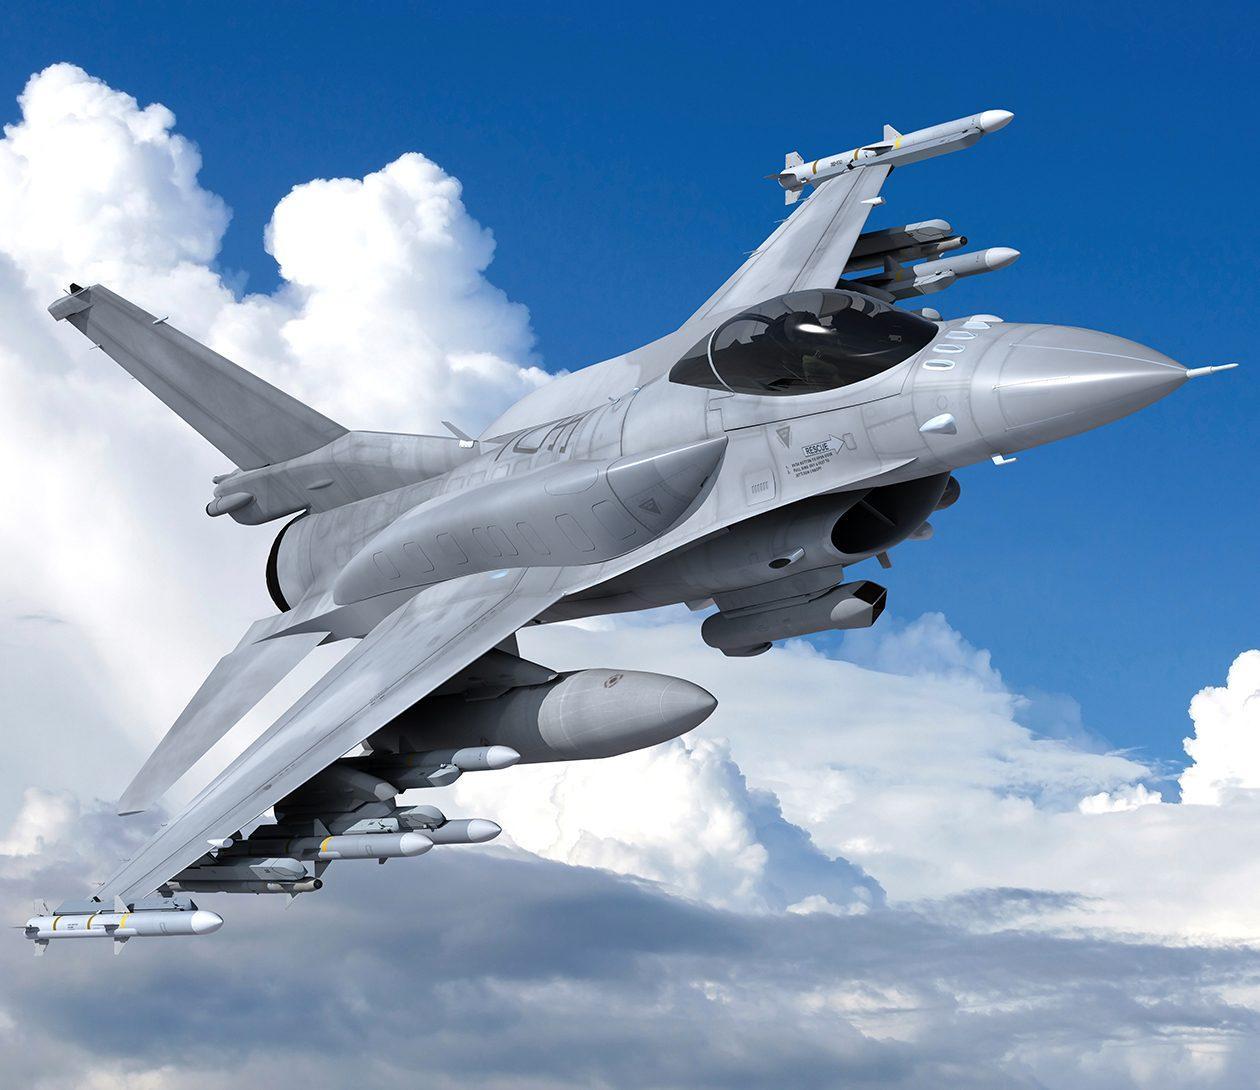 Тайвань намерен отказаться от планов закупки истребителей F-35B и заказать дополнительные F-16V